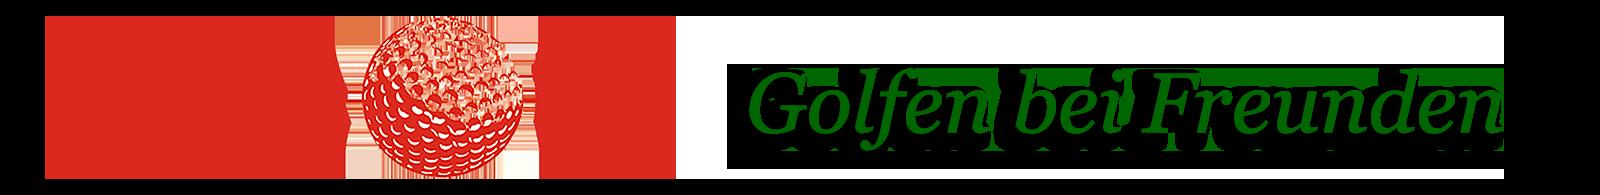 MK_Logo_2014_golfen_b_F4-2